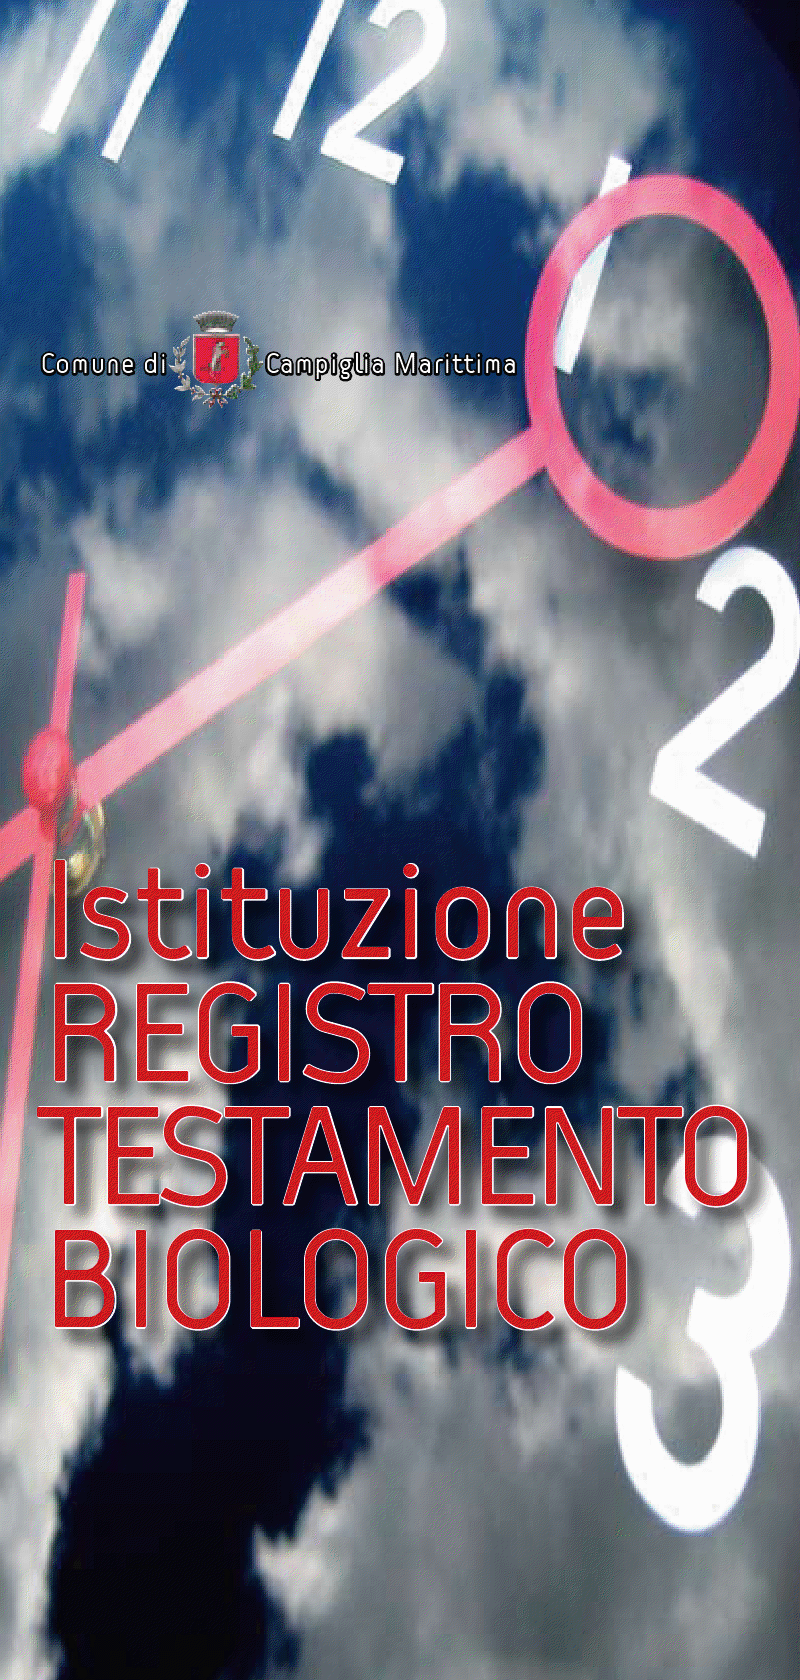 testbio1